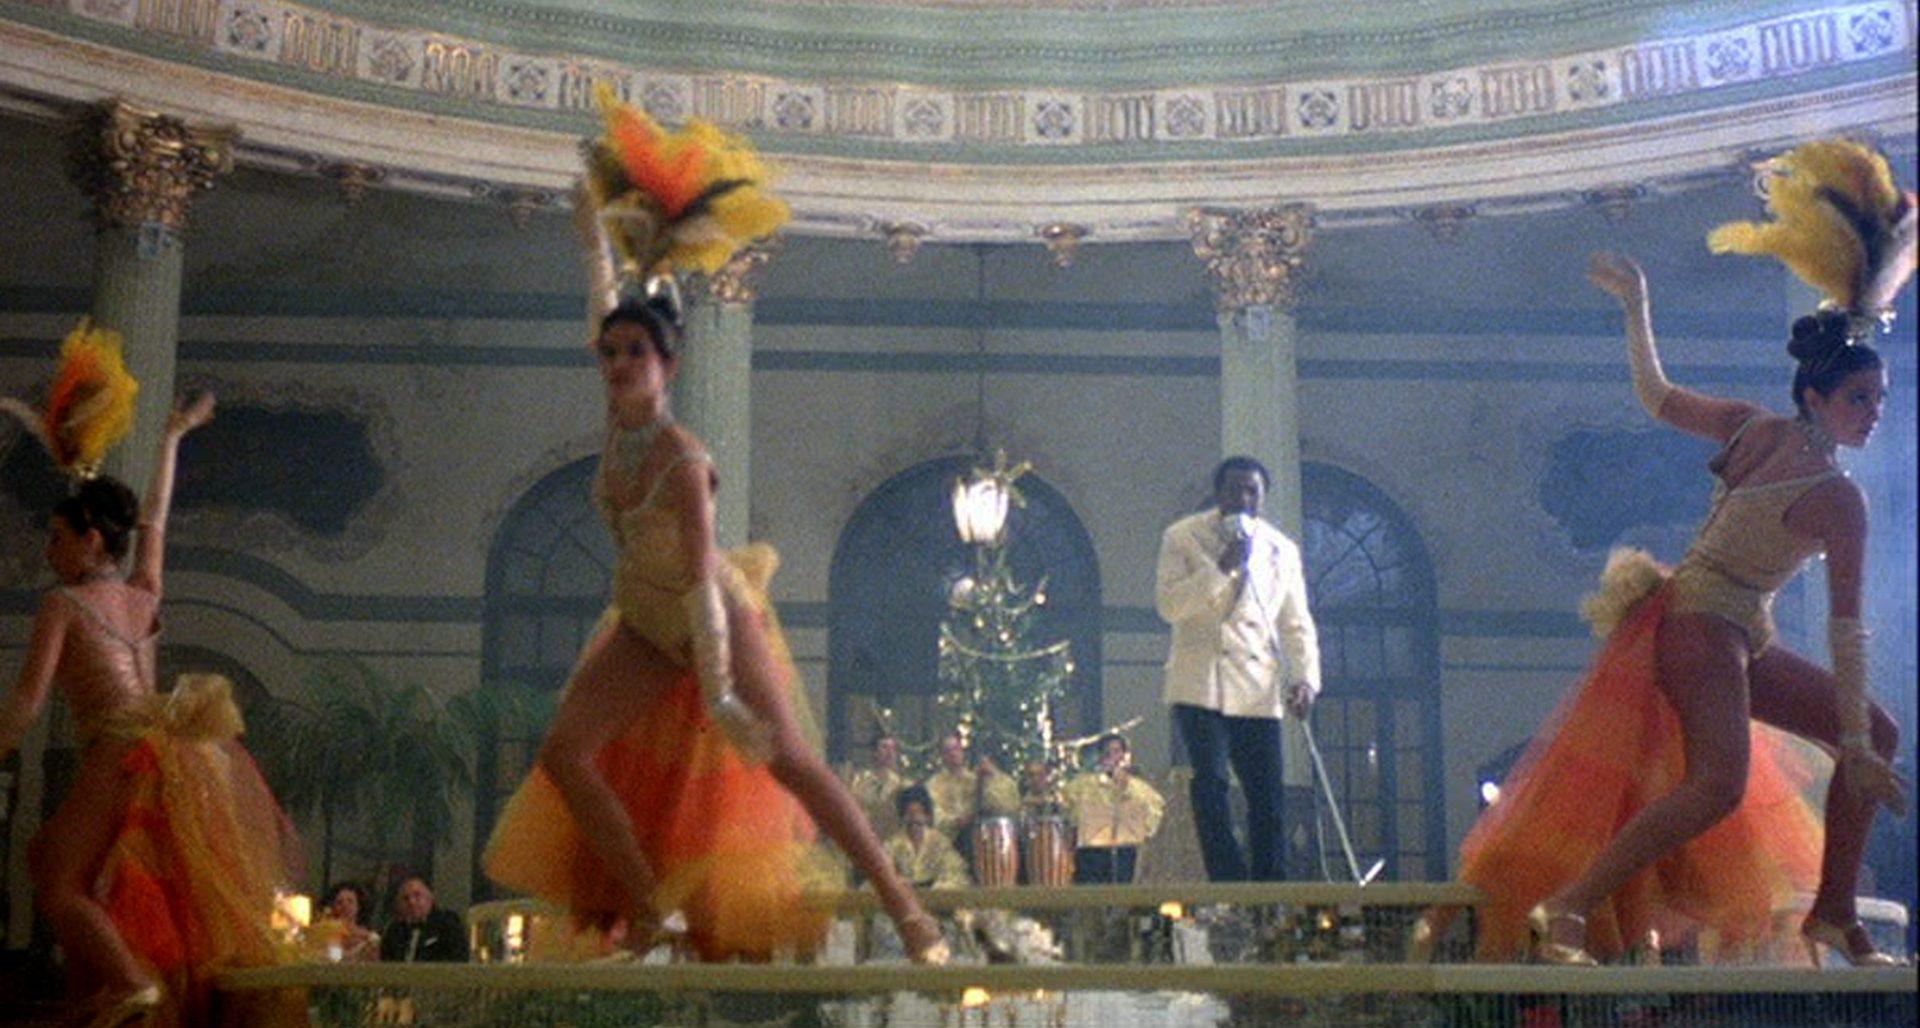 Drei Tänzerinnen und ein Entertainer beim Auftritt in einem Hotel.